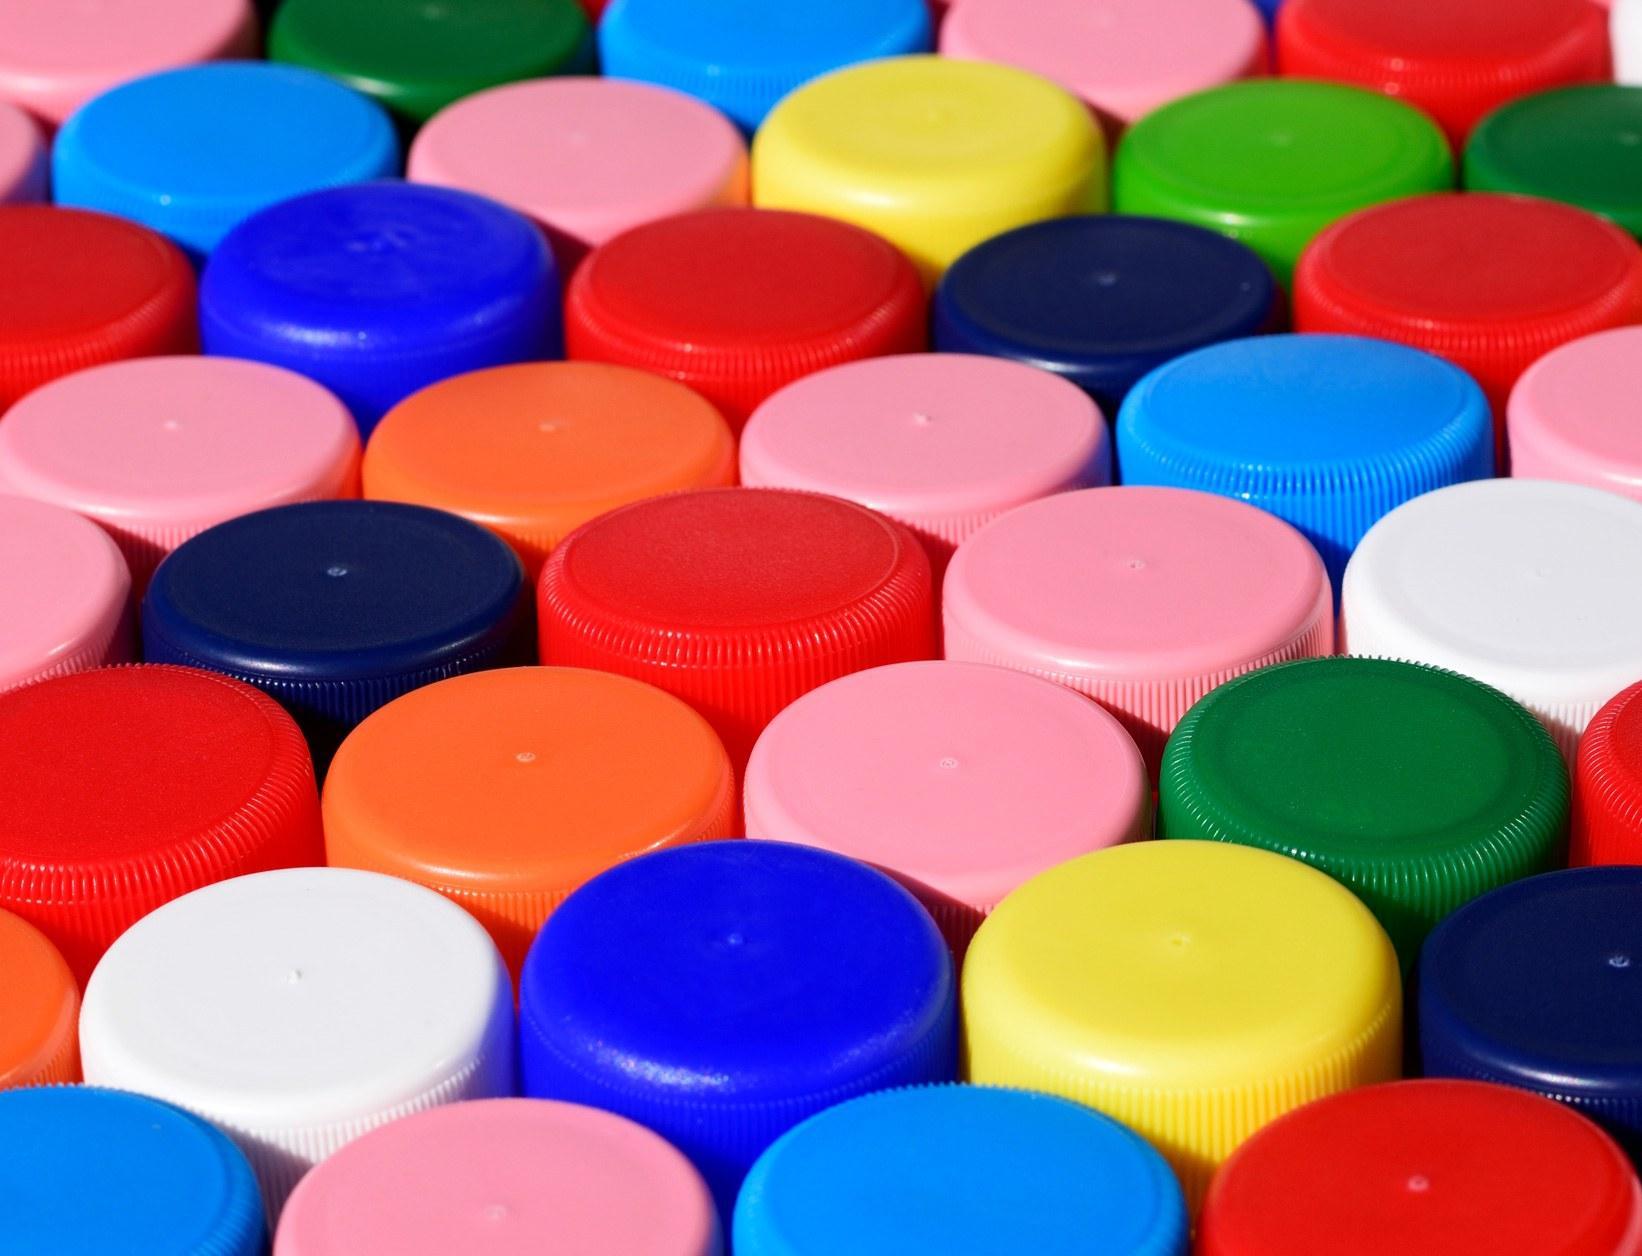 Международные корпорации основали Альянс по ликвидации пластиковых отходов